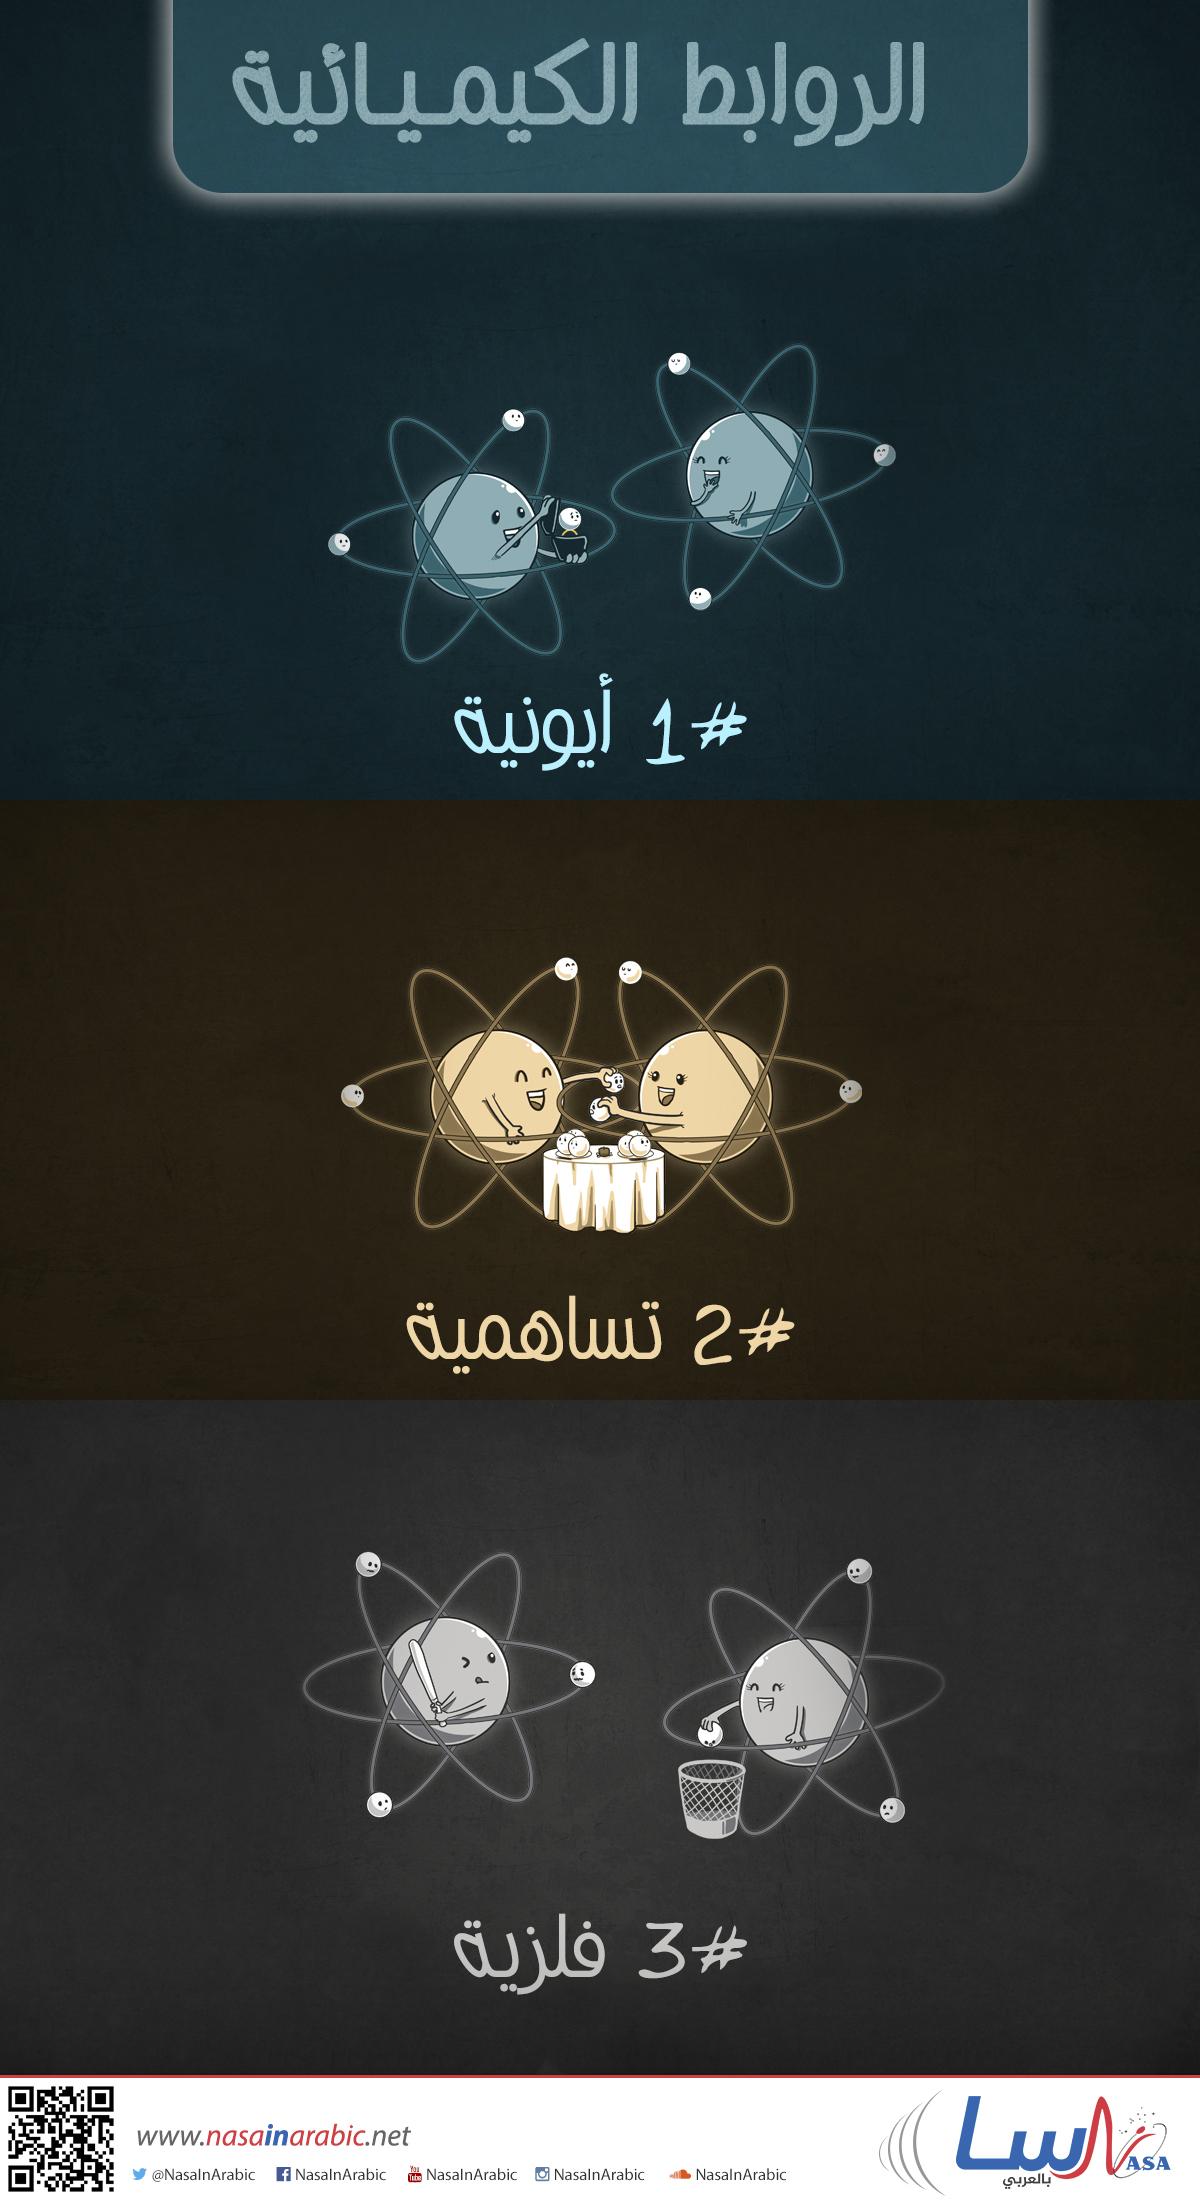 الروابط الكيميائية